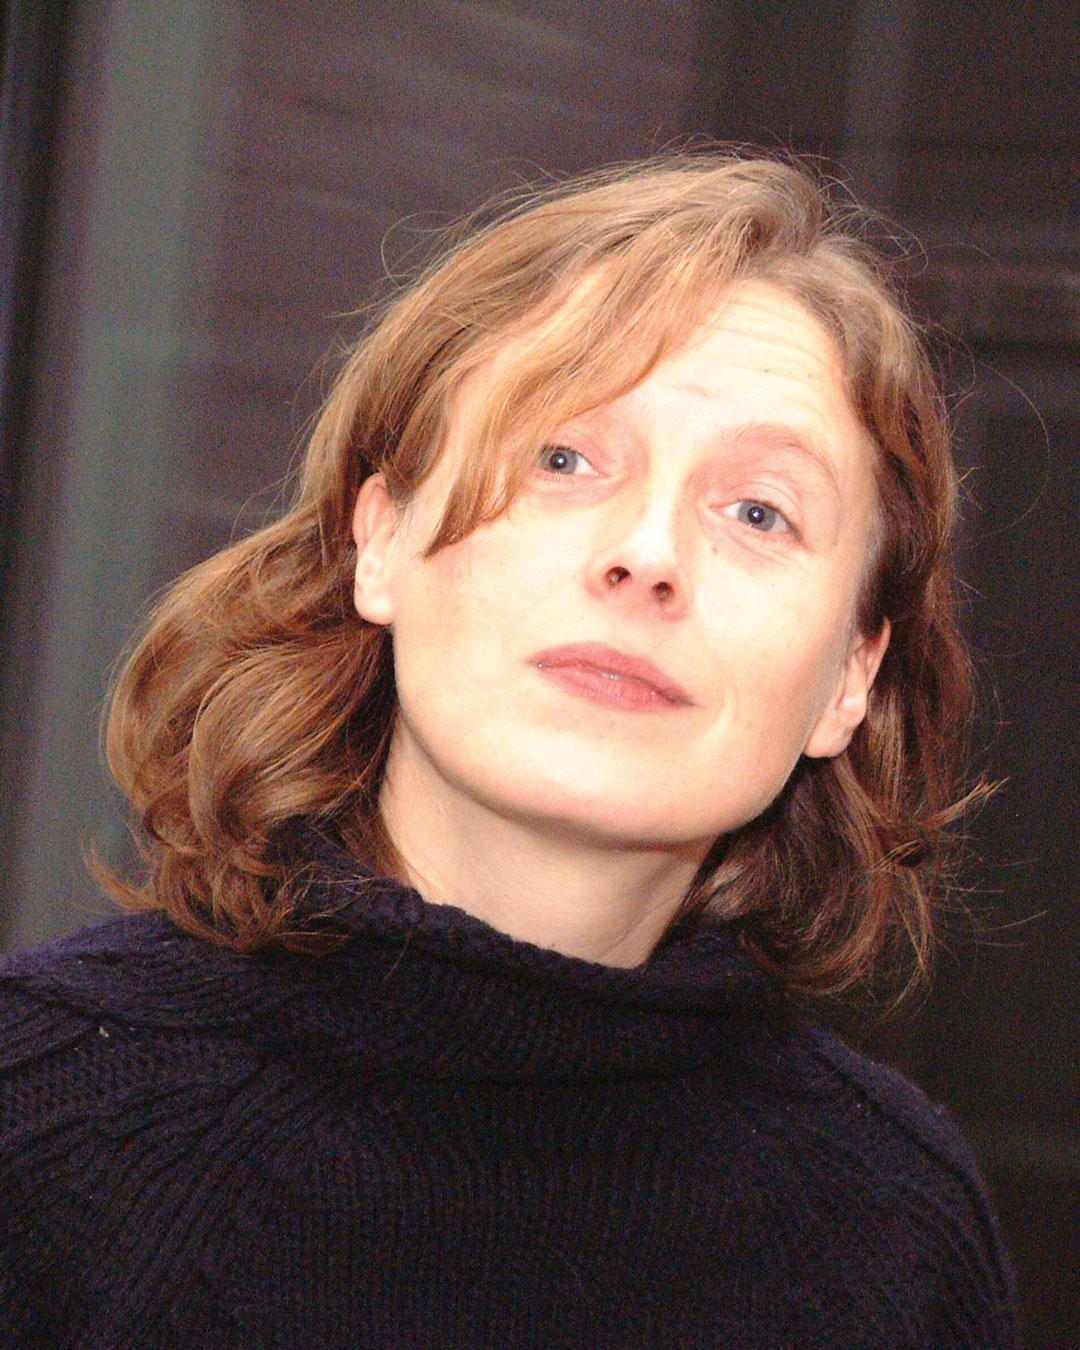 Julie Mollenhauer, 2004